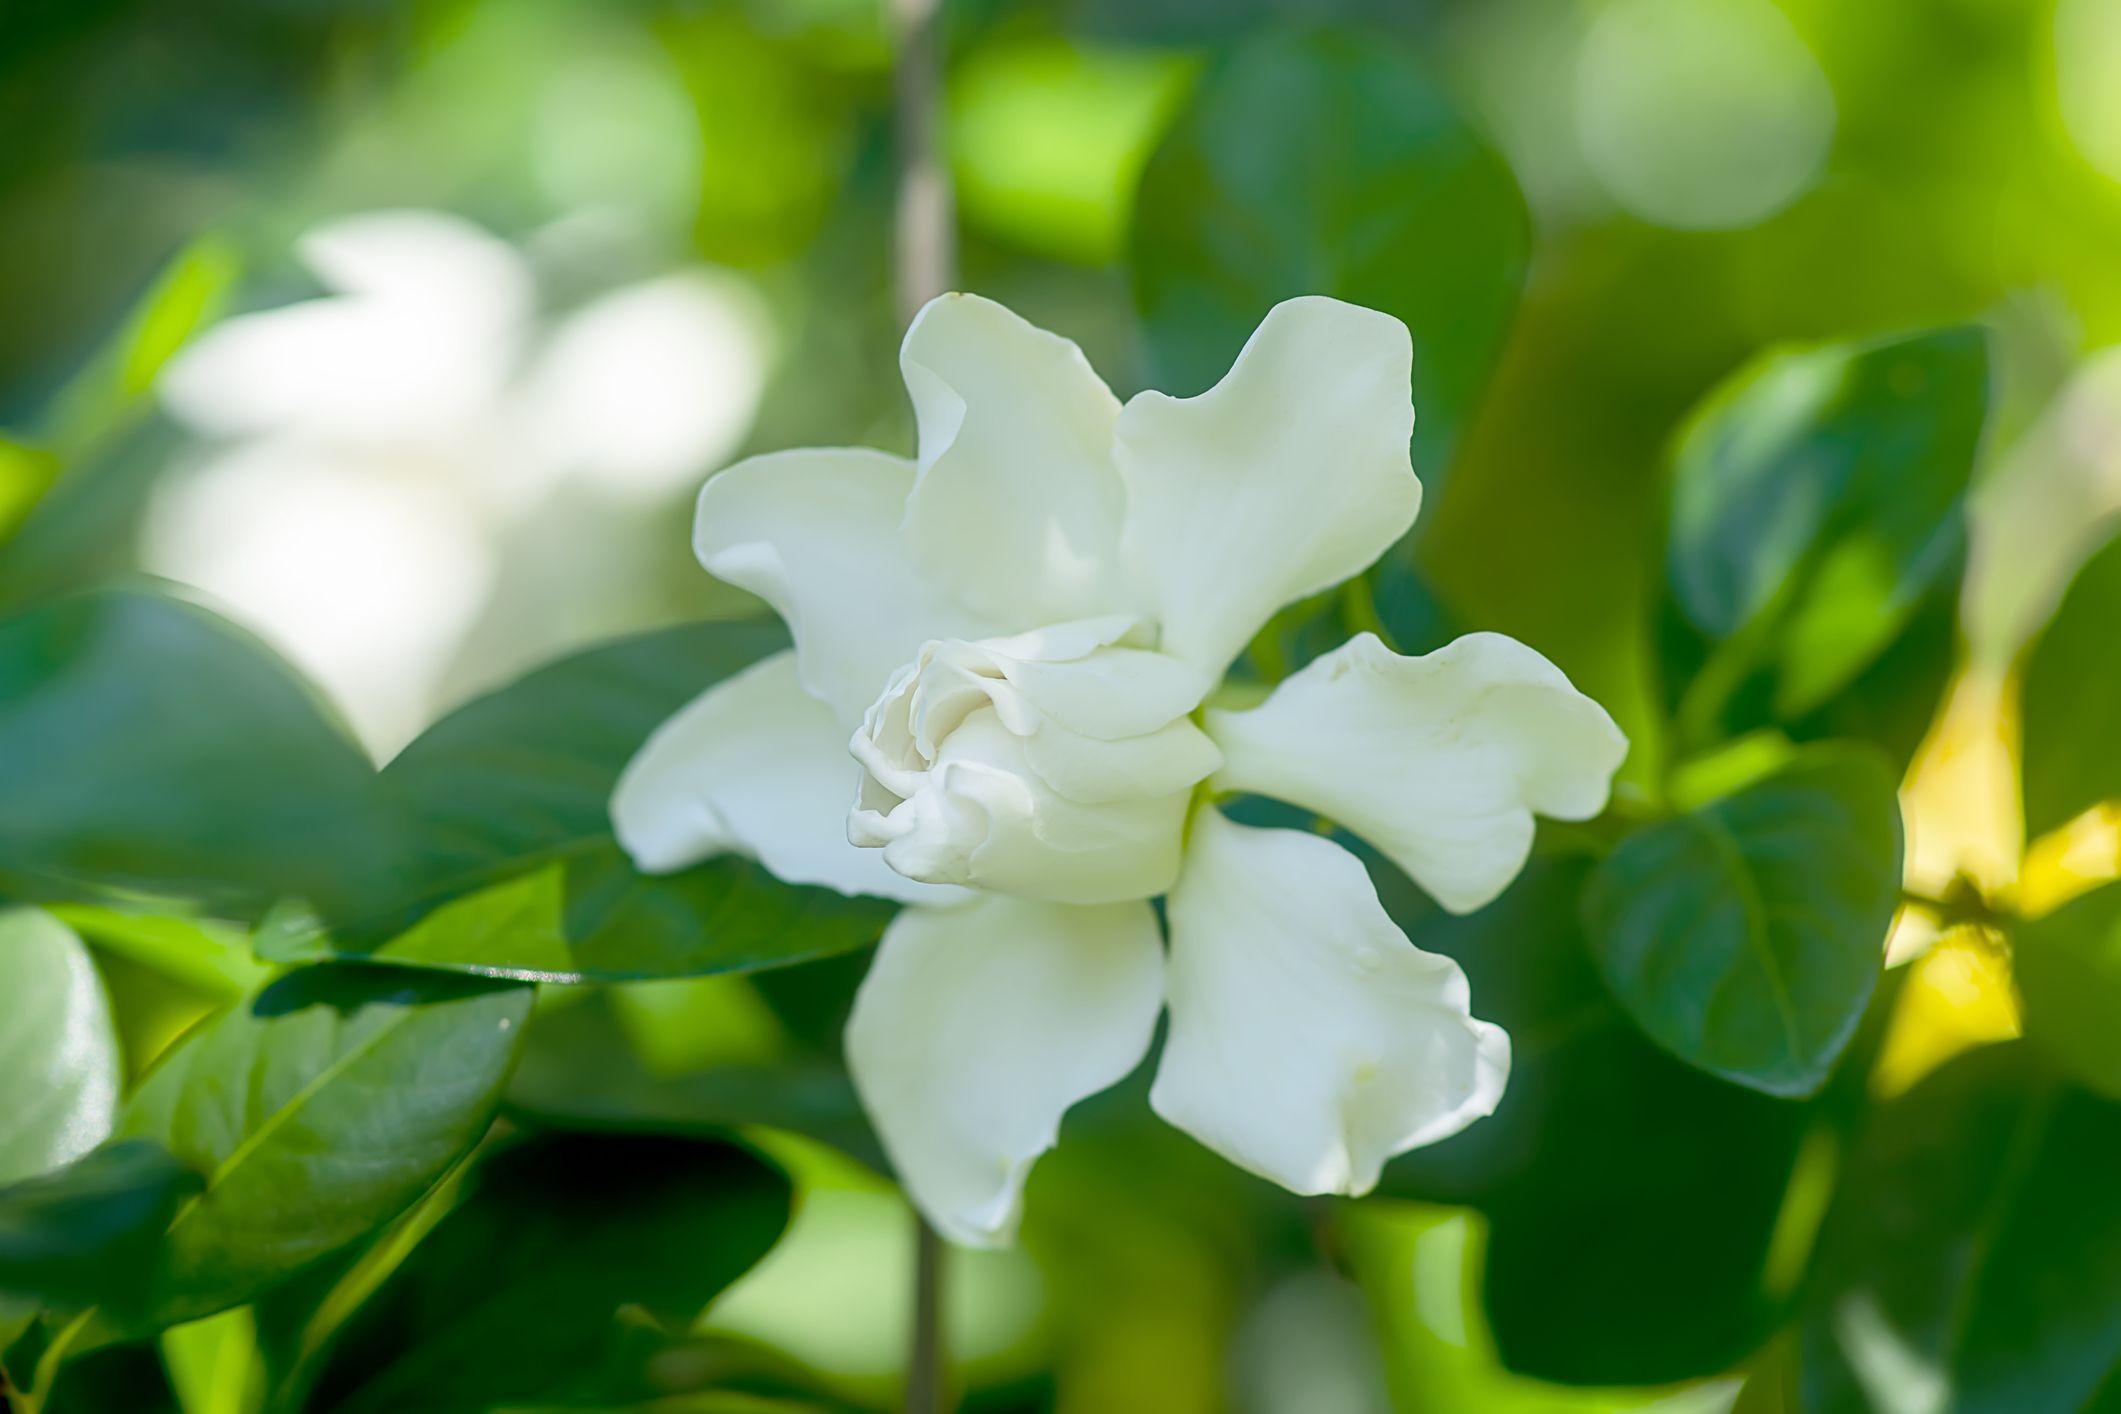 Gardenia shrub with white flowers